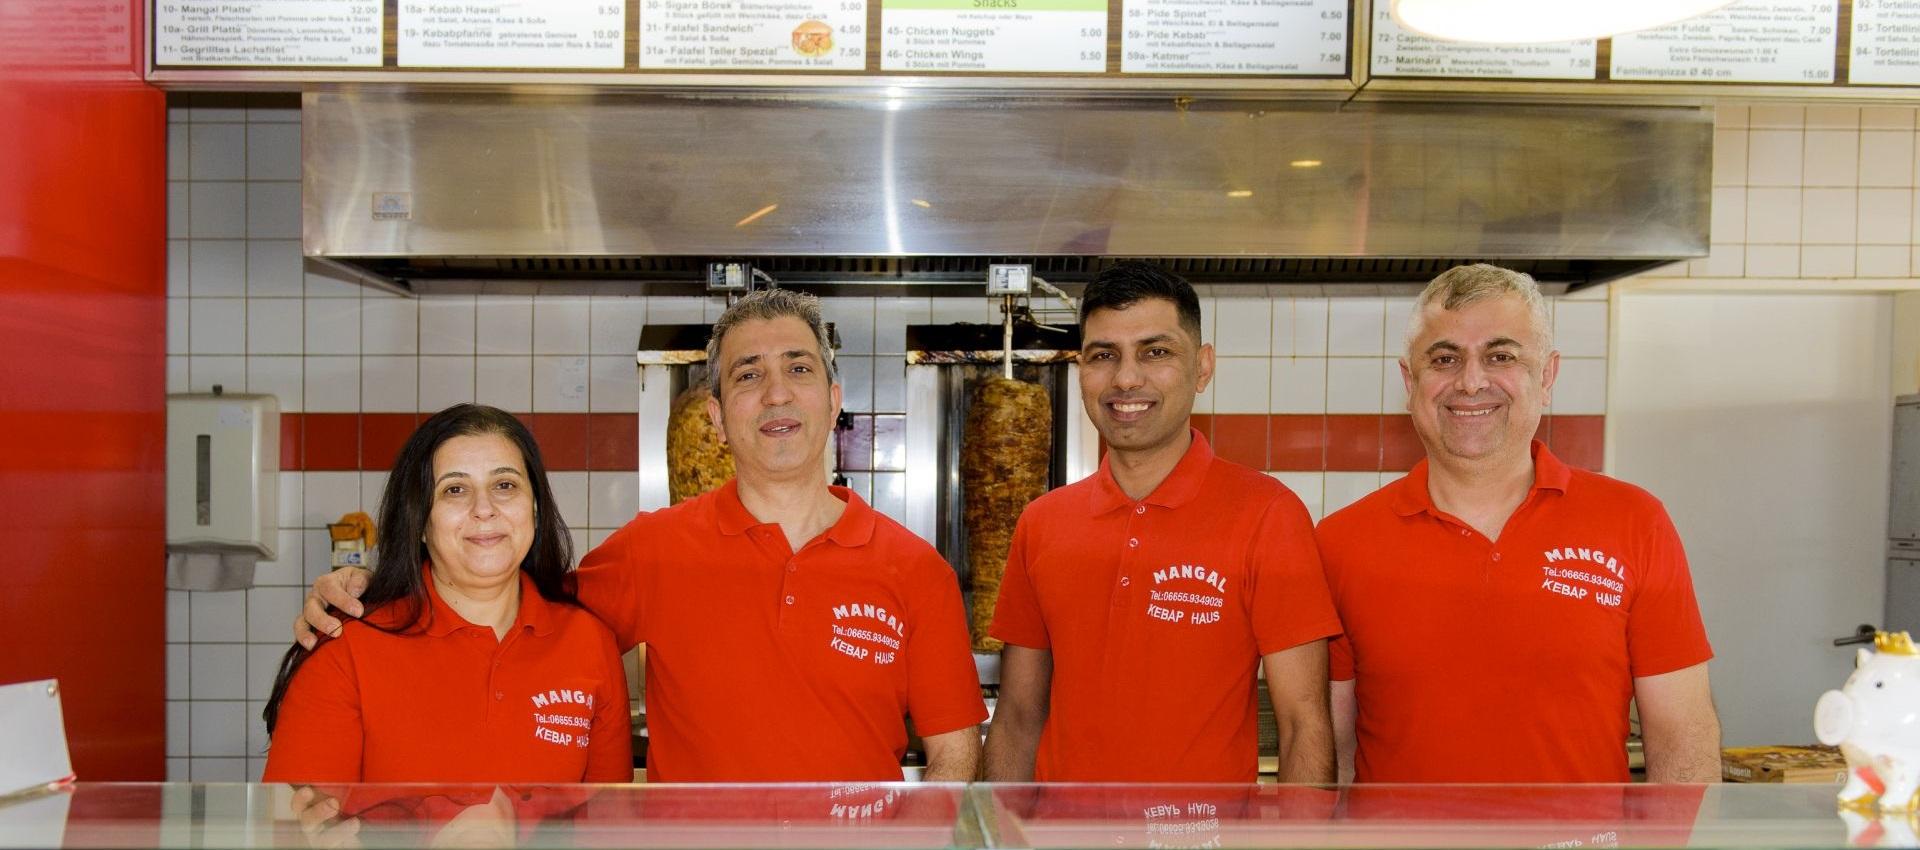 Mangal Kebab Haus